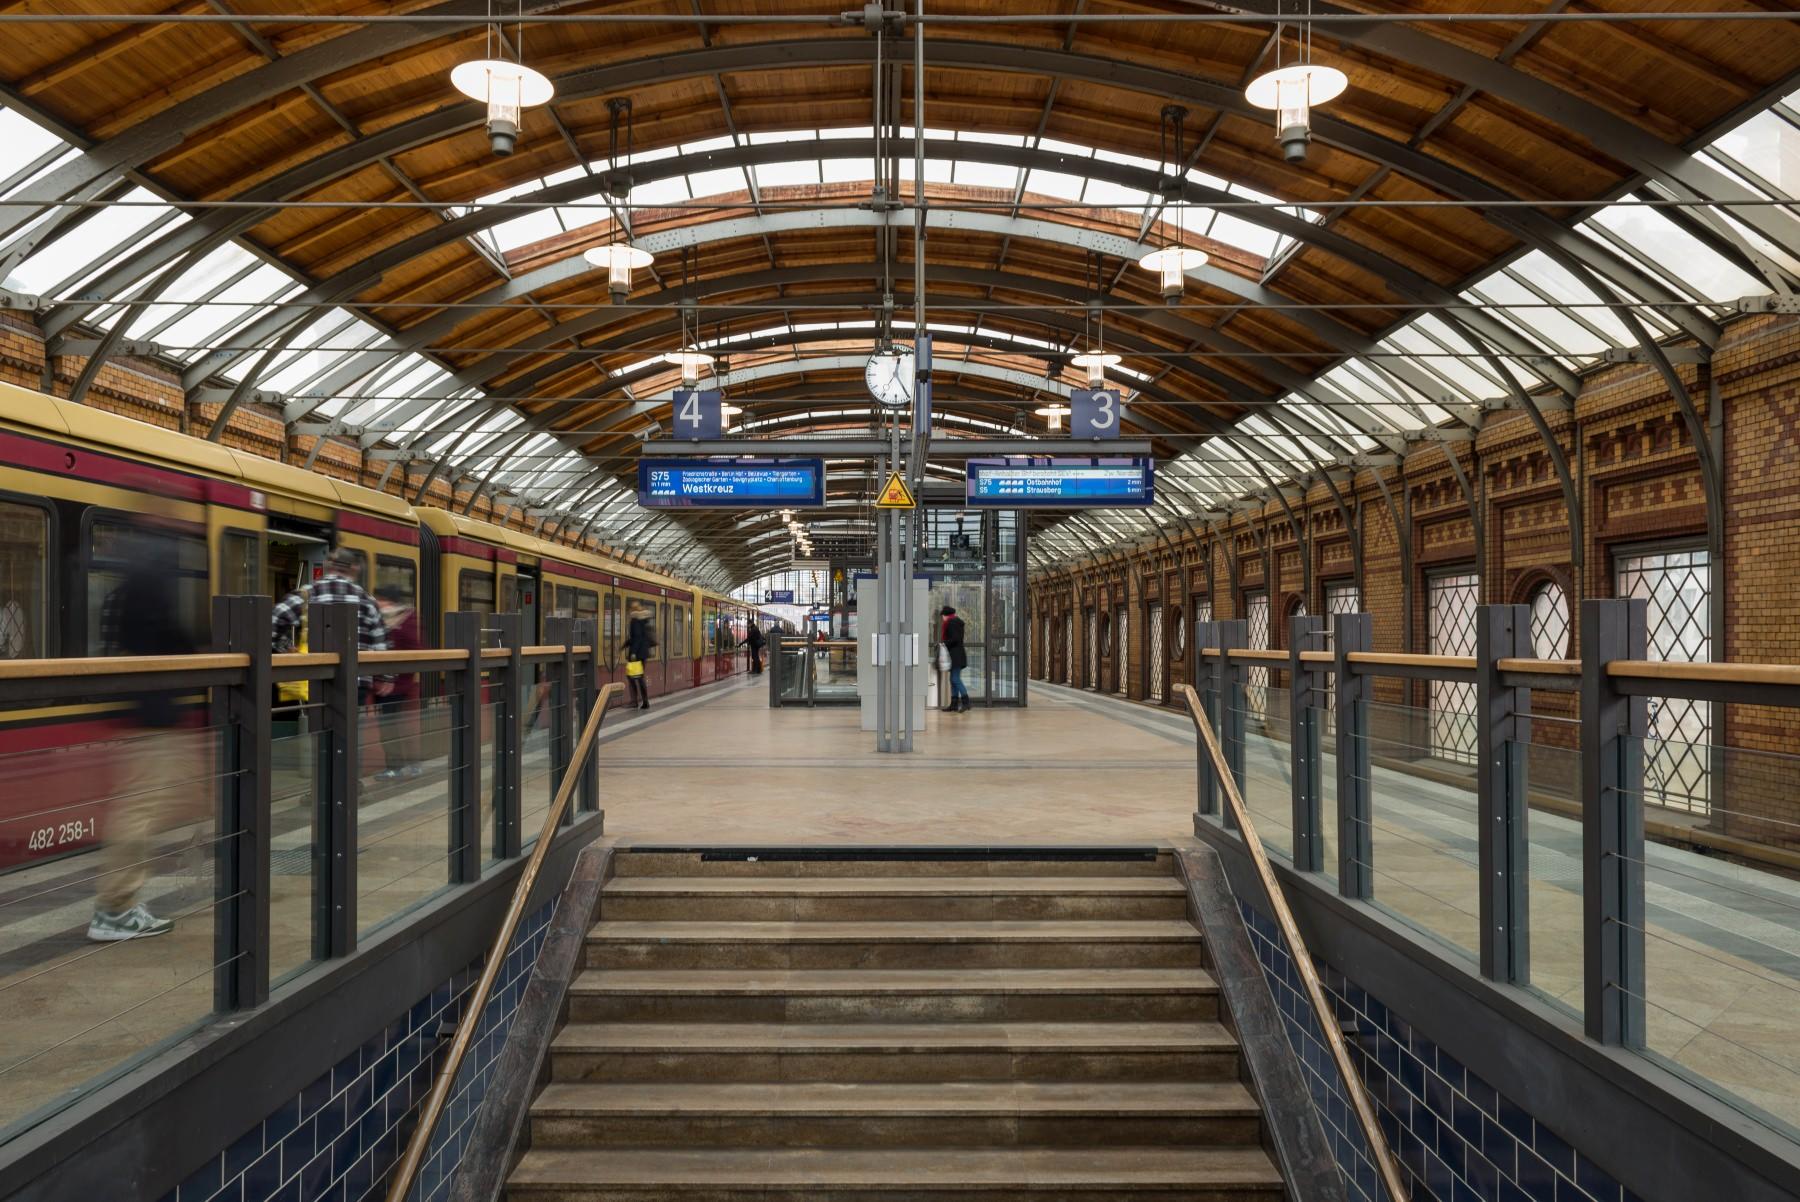 Berlin Hackescher Markt S-Bahnhof Berlin S-Bahn